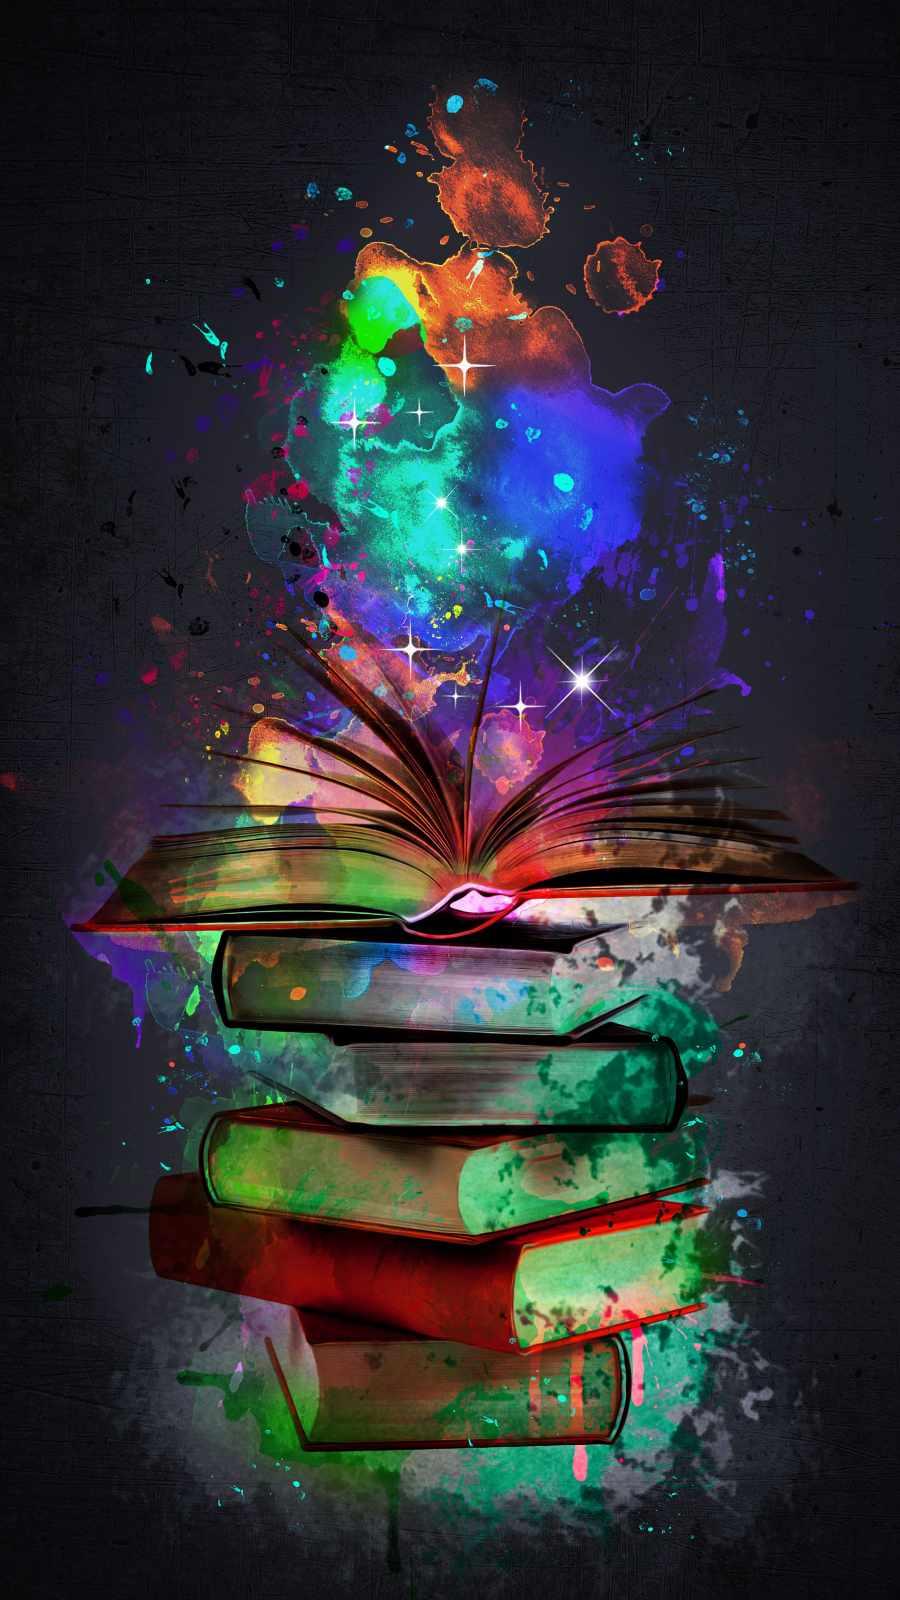 Books Art iPhone Wallpaper